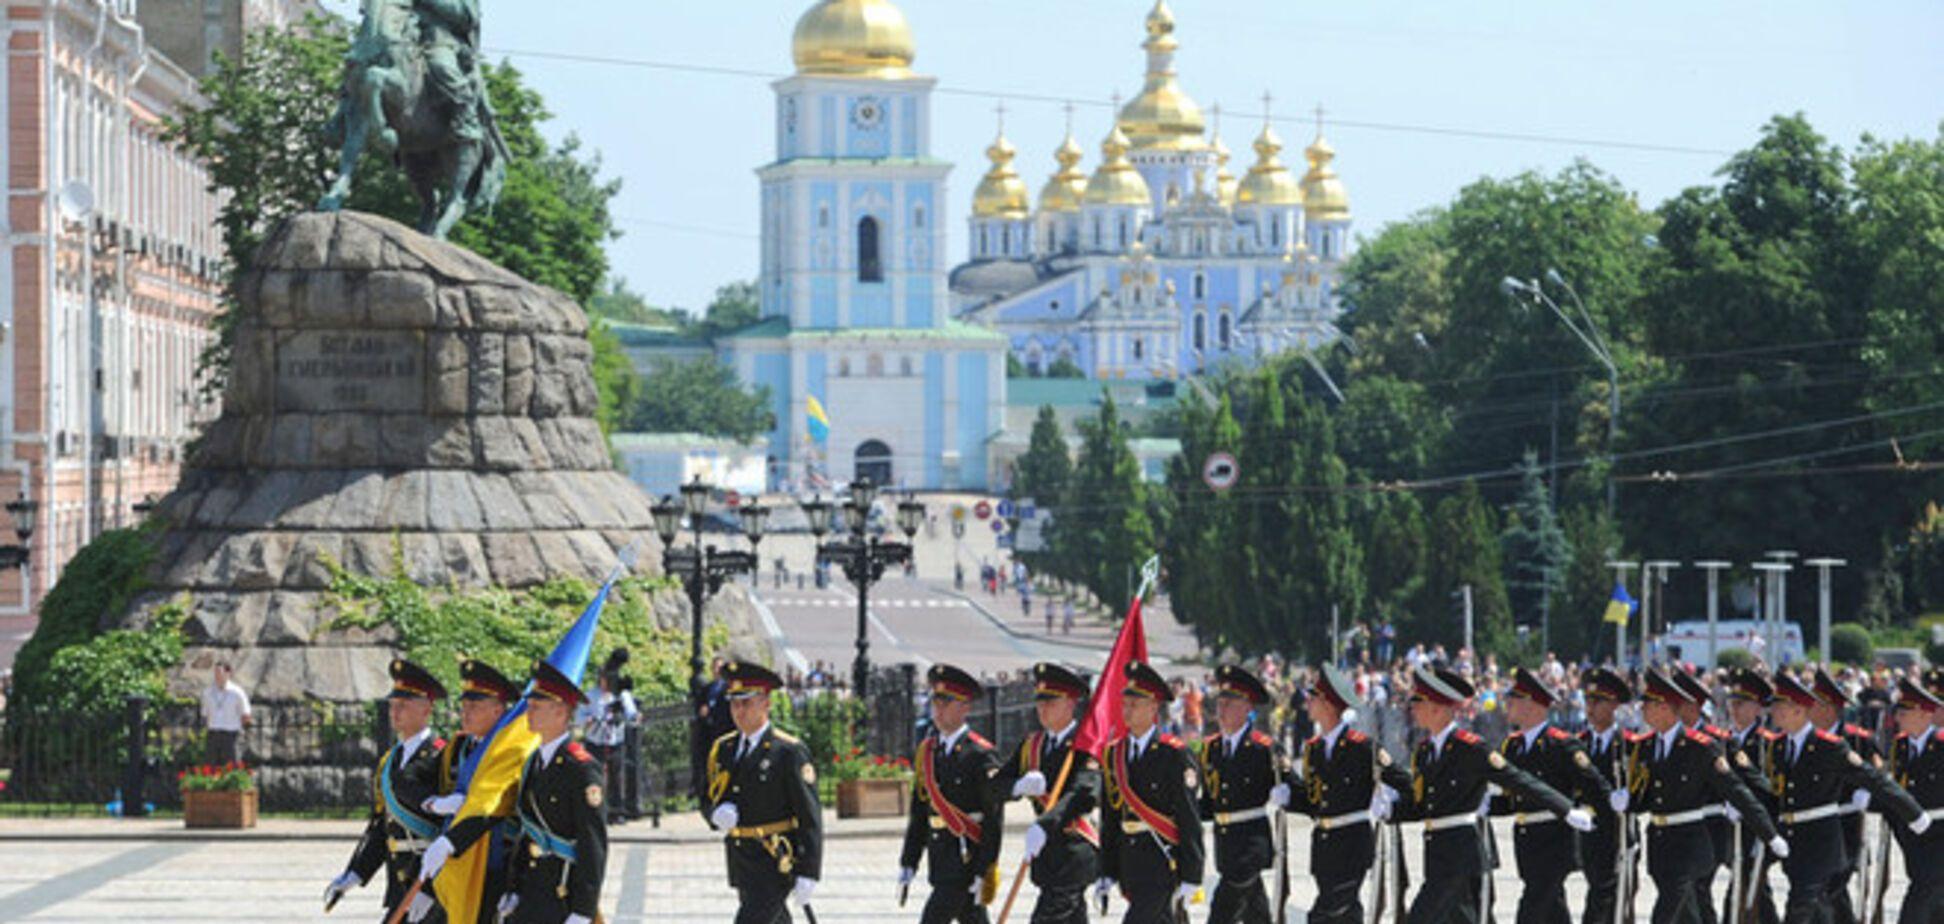 Інавгурацію Президента України охороняли півтисячі Нацгвардійцев